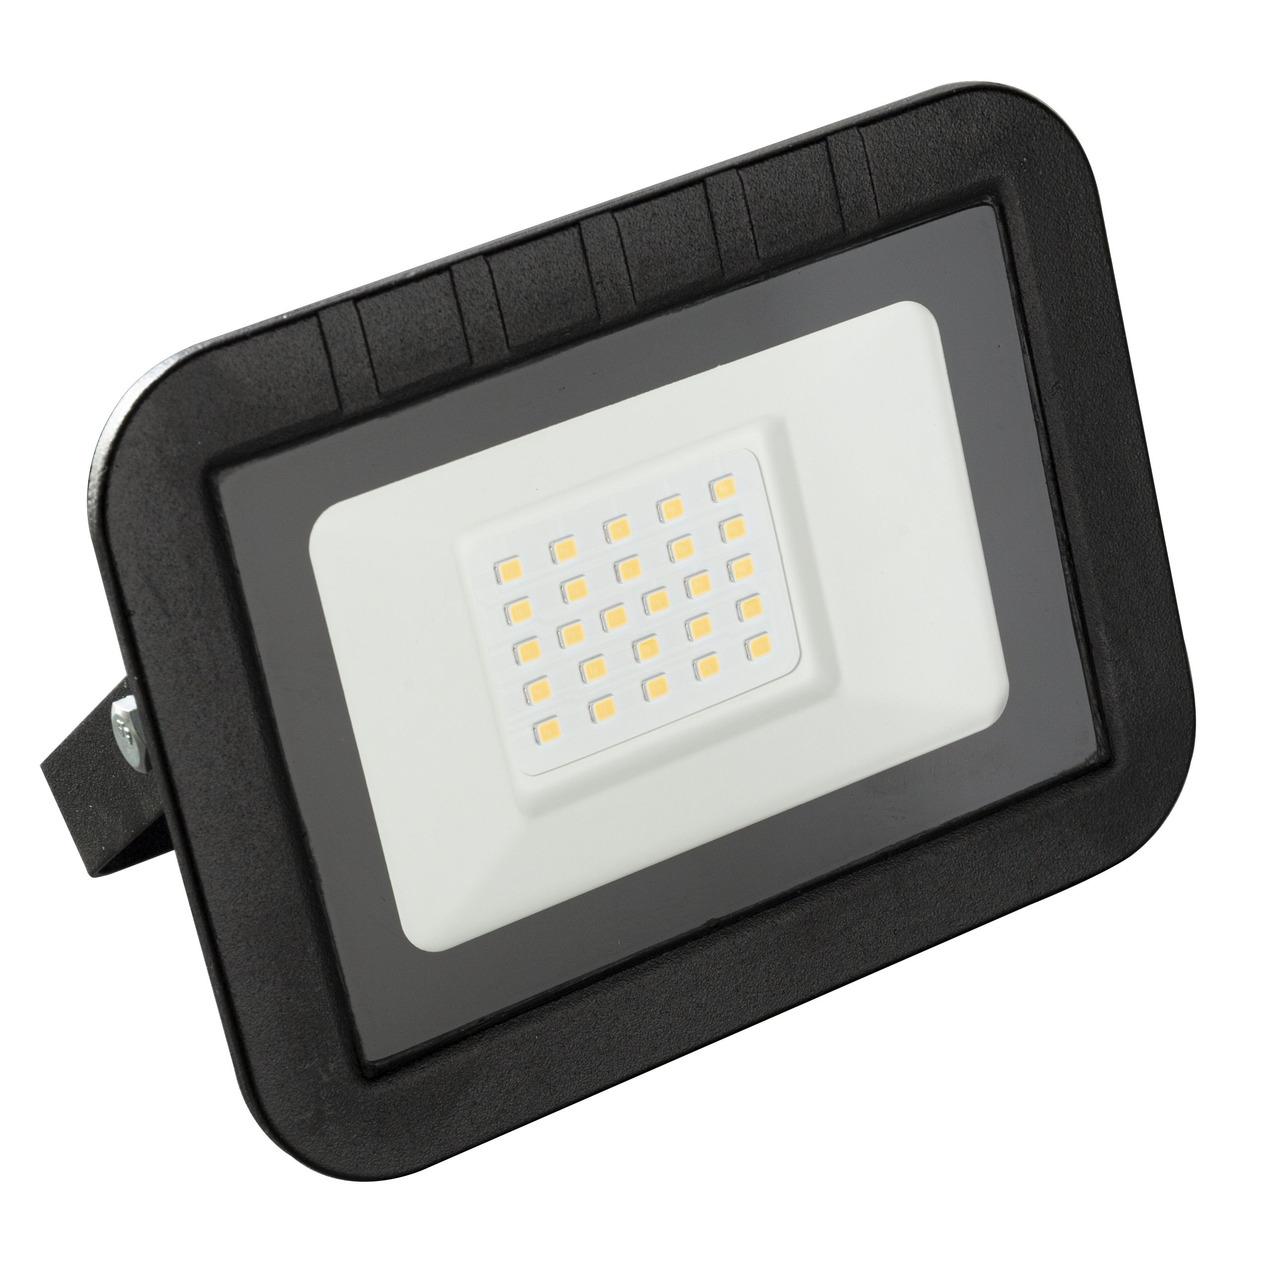 HEITRONIC 20-W-LED-Flutlichtstrahler YORK- 2000 lm- 3000 K- IP65- schwarz